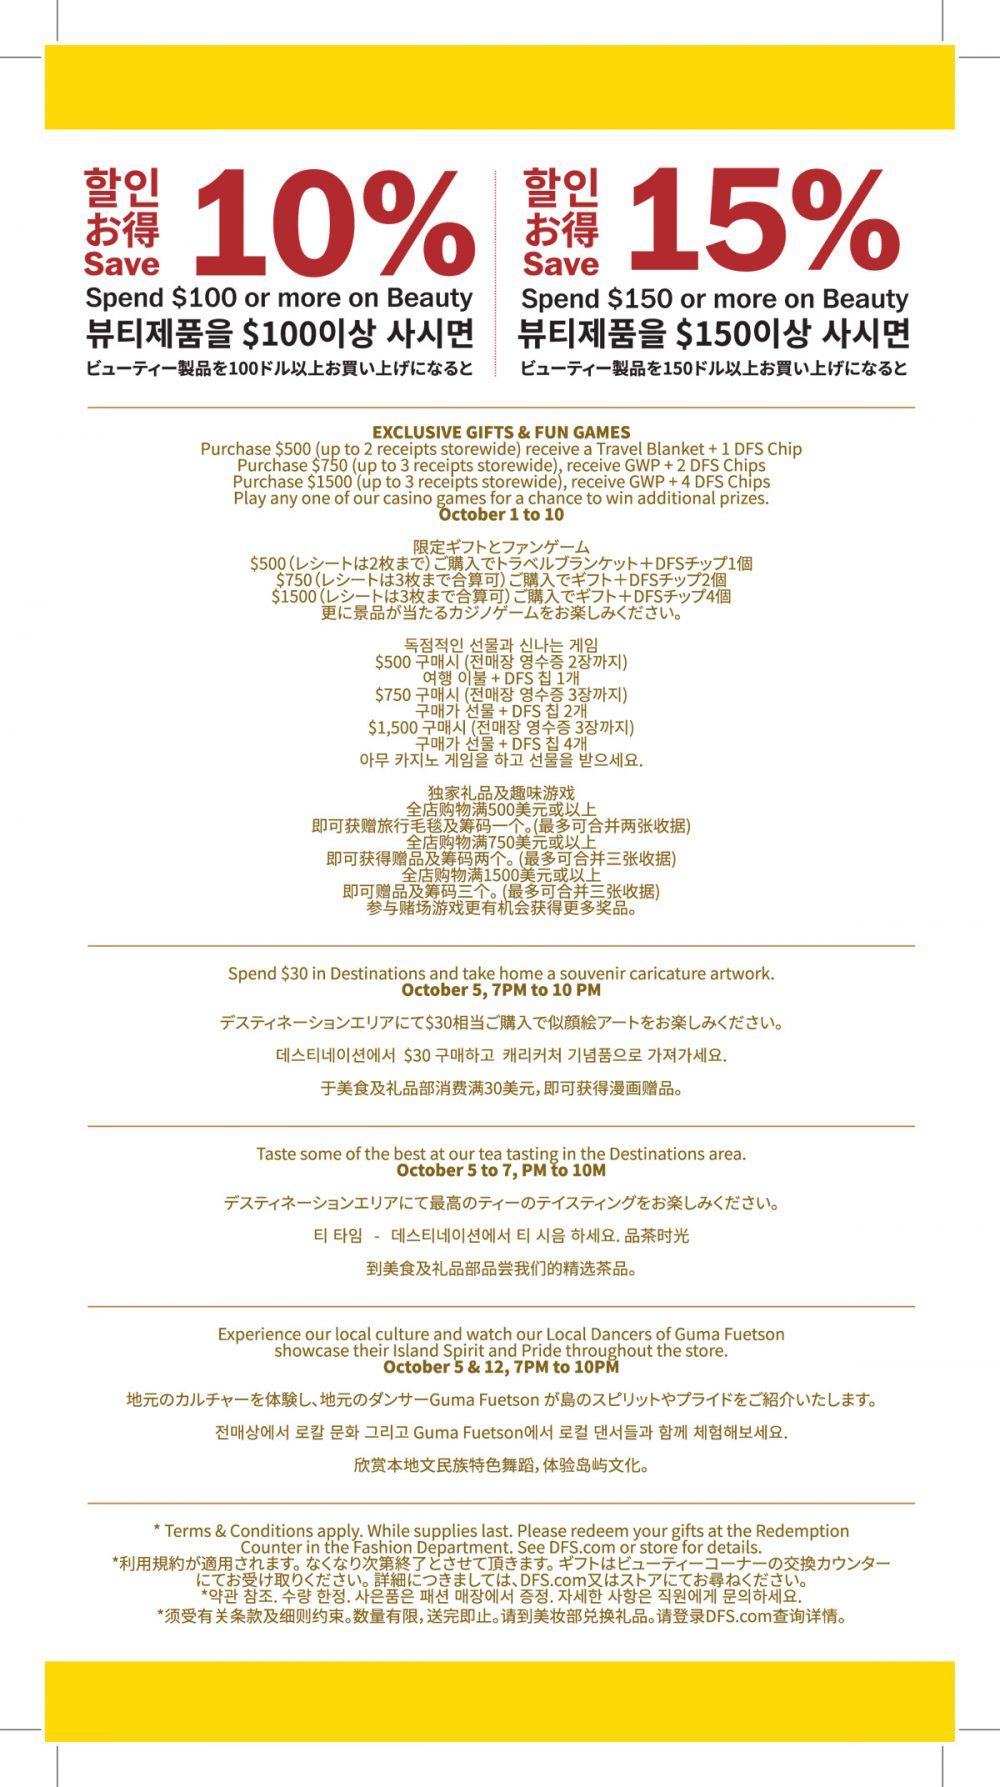 10月の『ゴールデンリワード』プロモーション Tギャラリアグアム